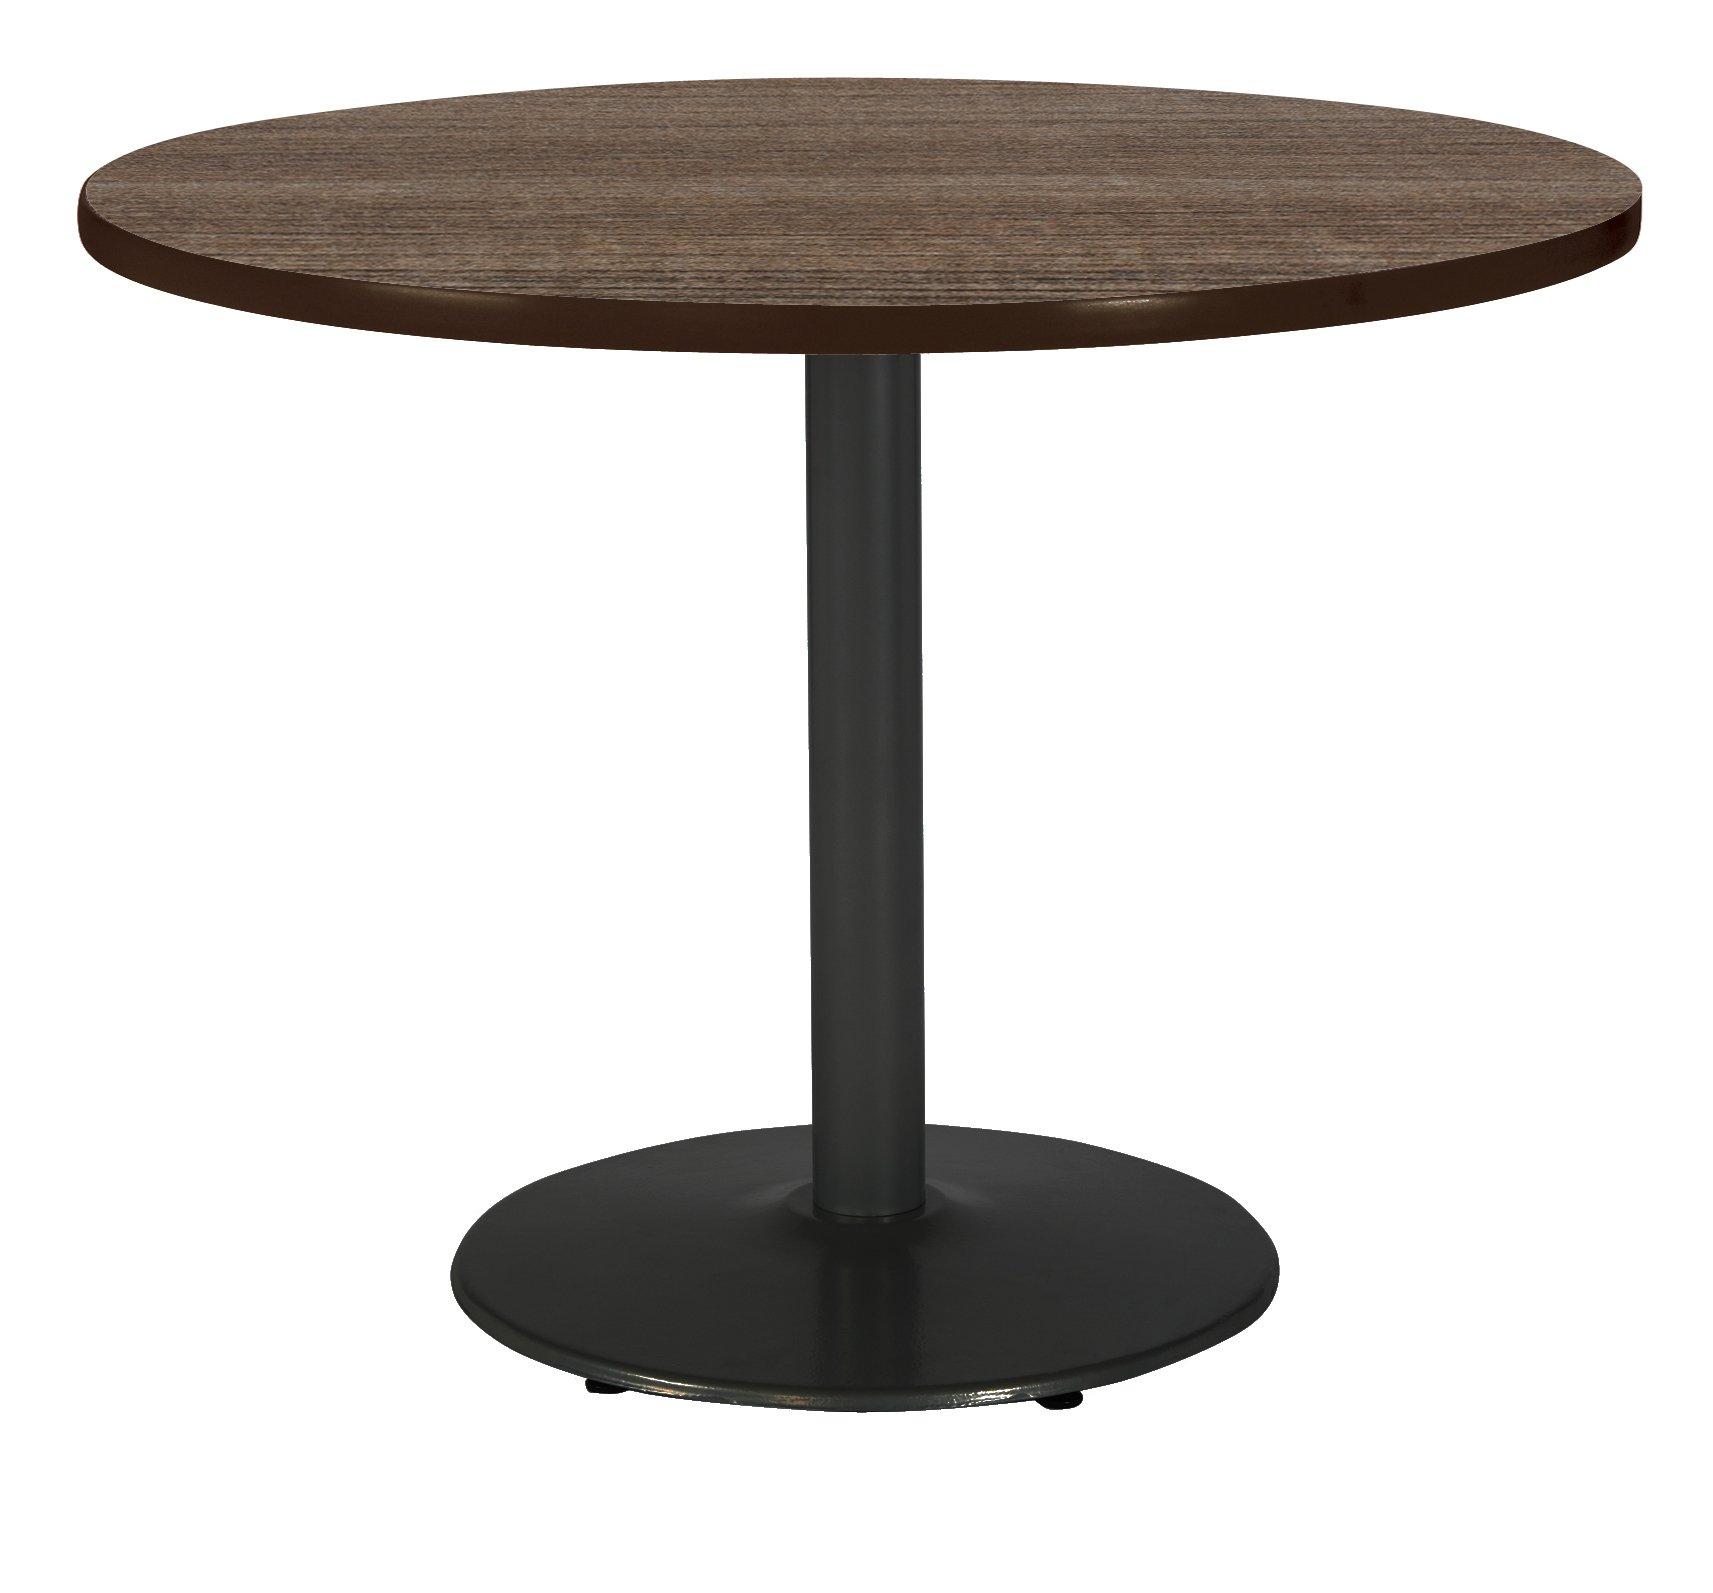 KFI Seating Mode Multipurpose Table, 29'' x 42'' x 42'', Studio Teak by KFI Seating